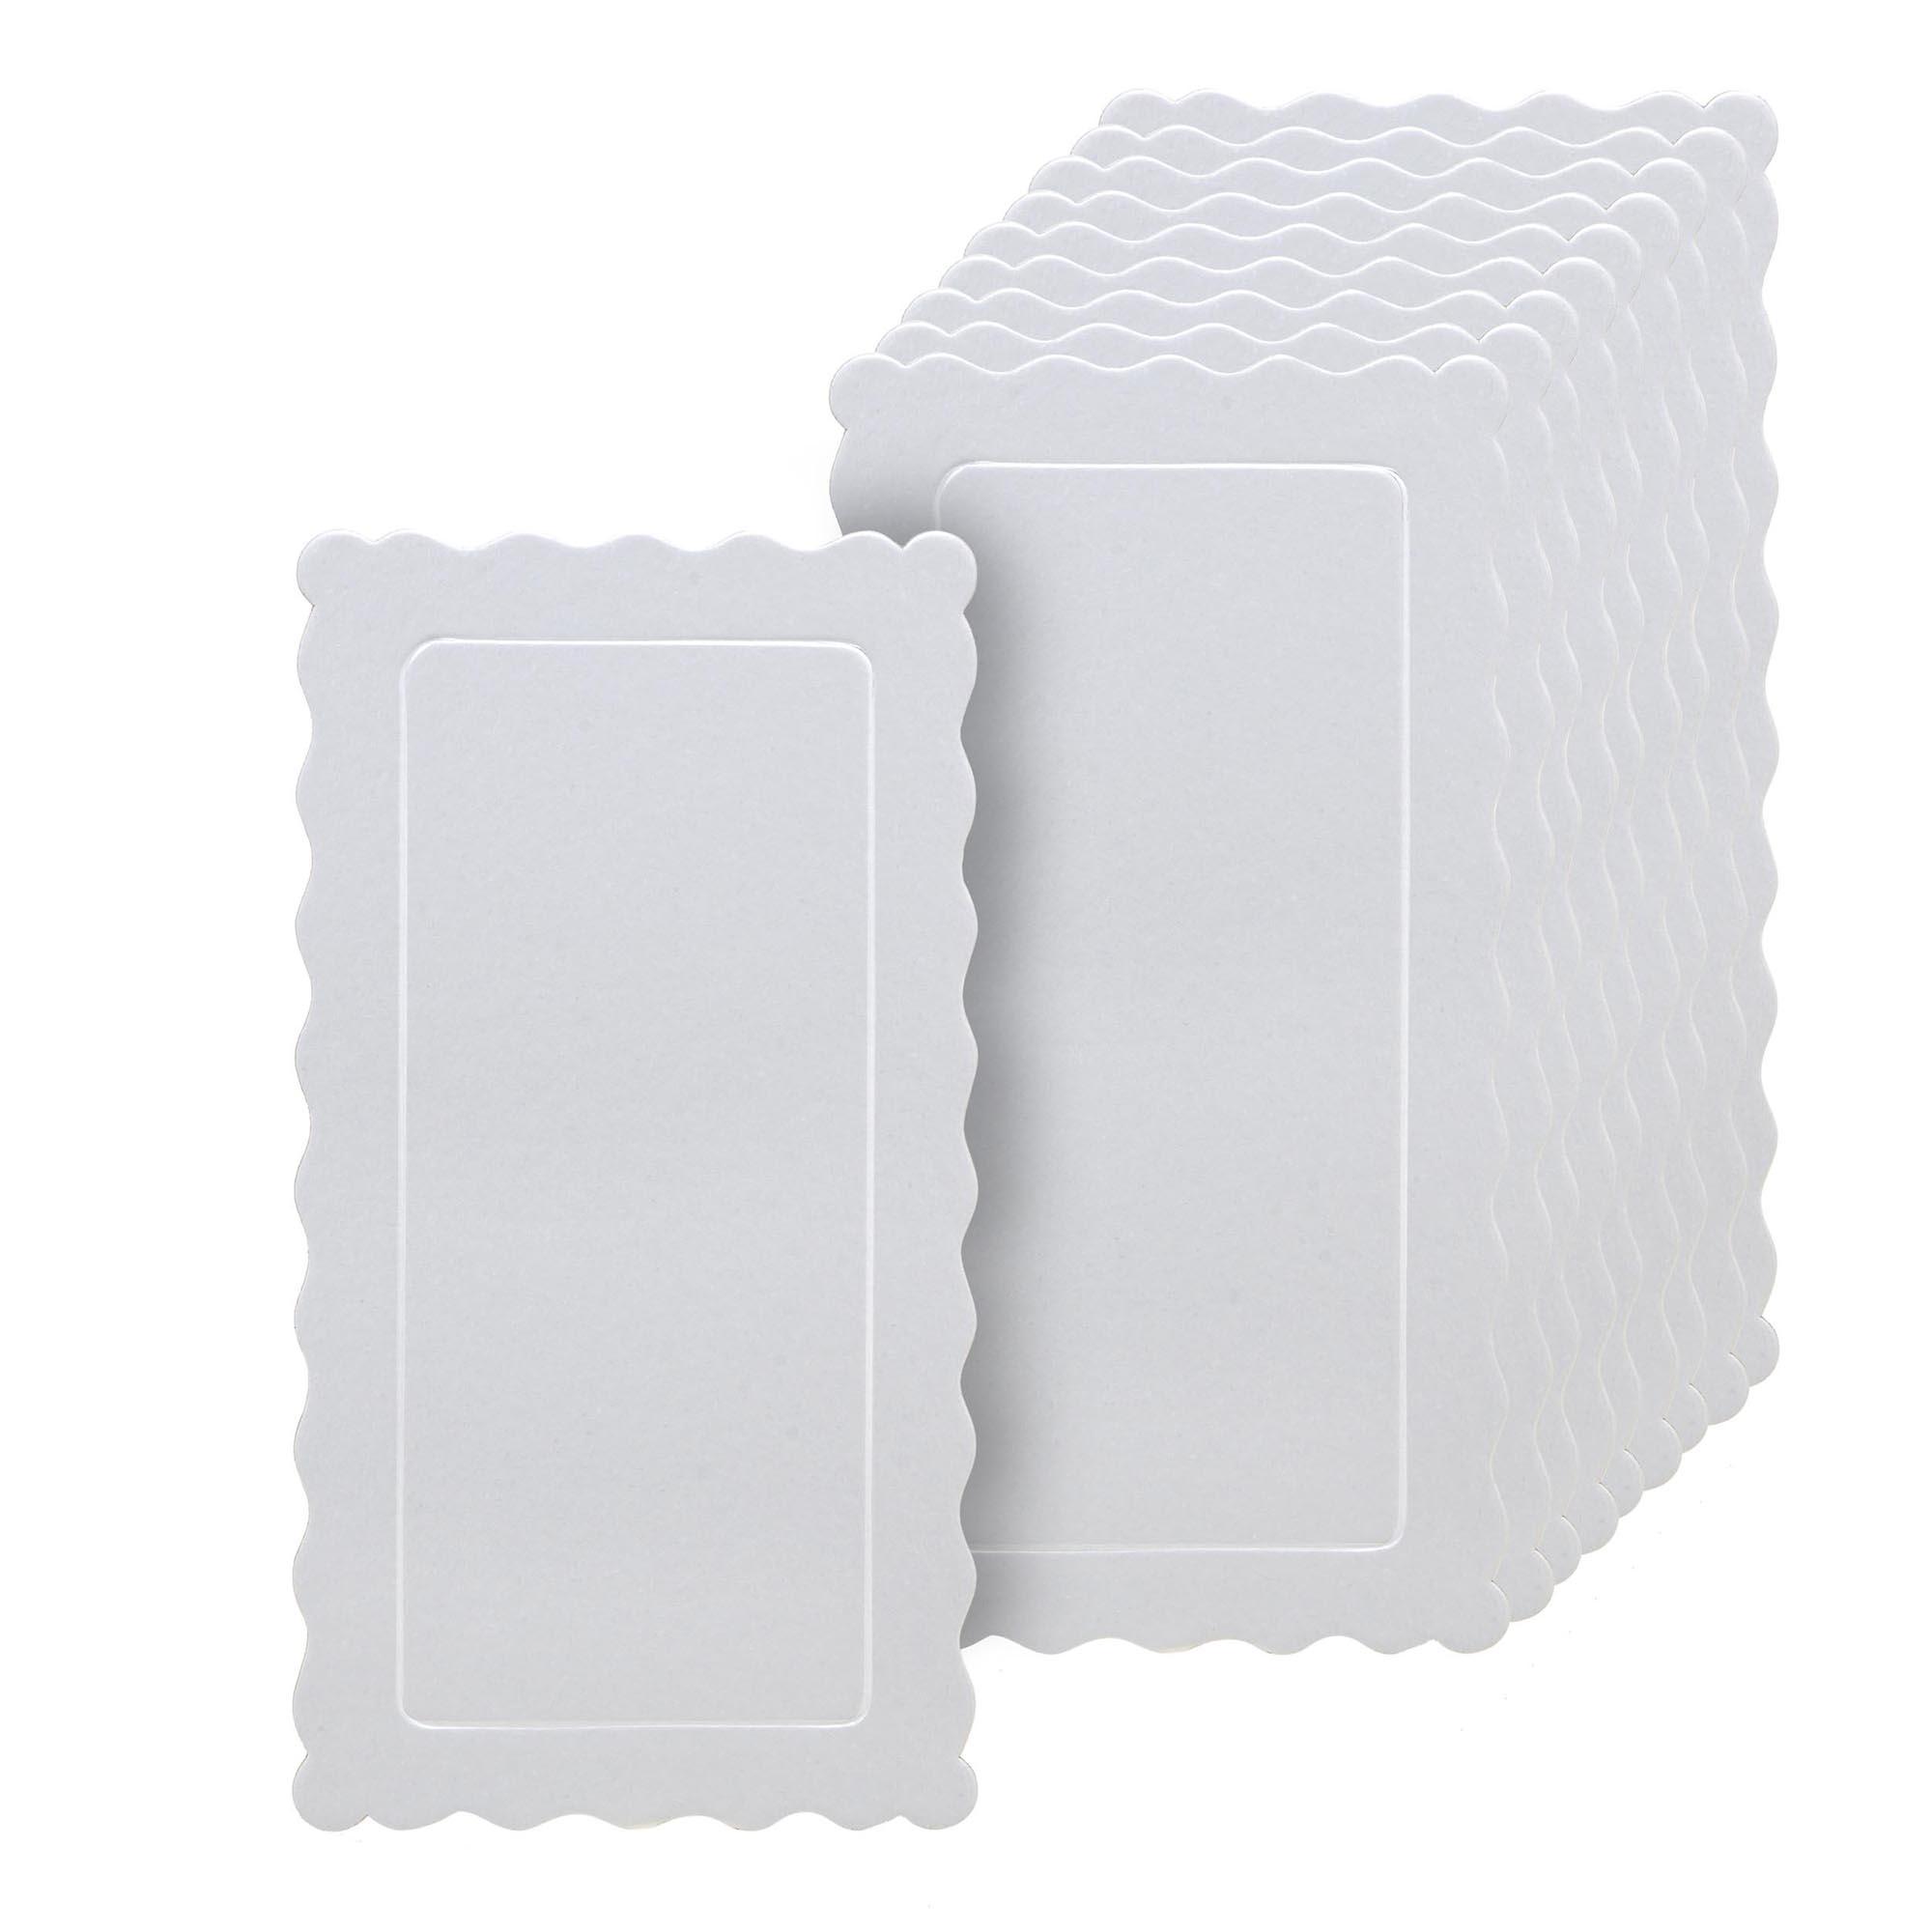 50 Bases Laminadas, Suporte P/ Bolo, 29x15cm - Branca